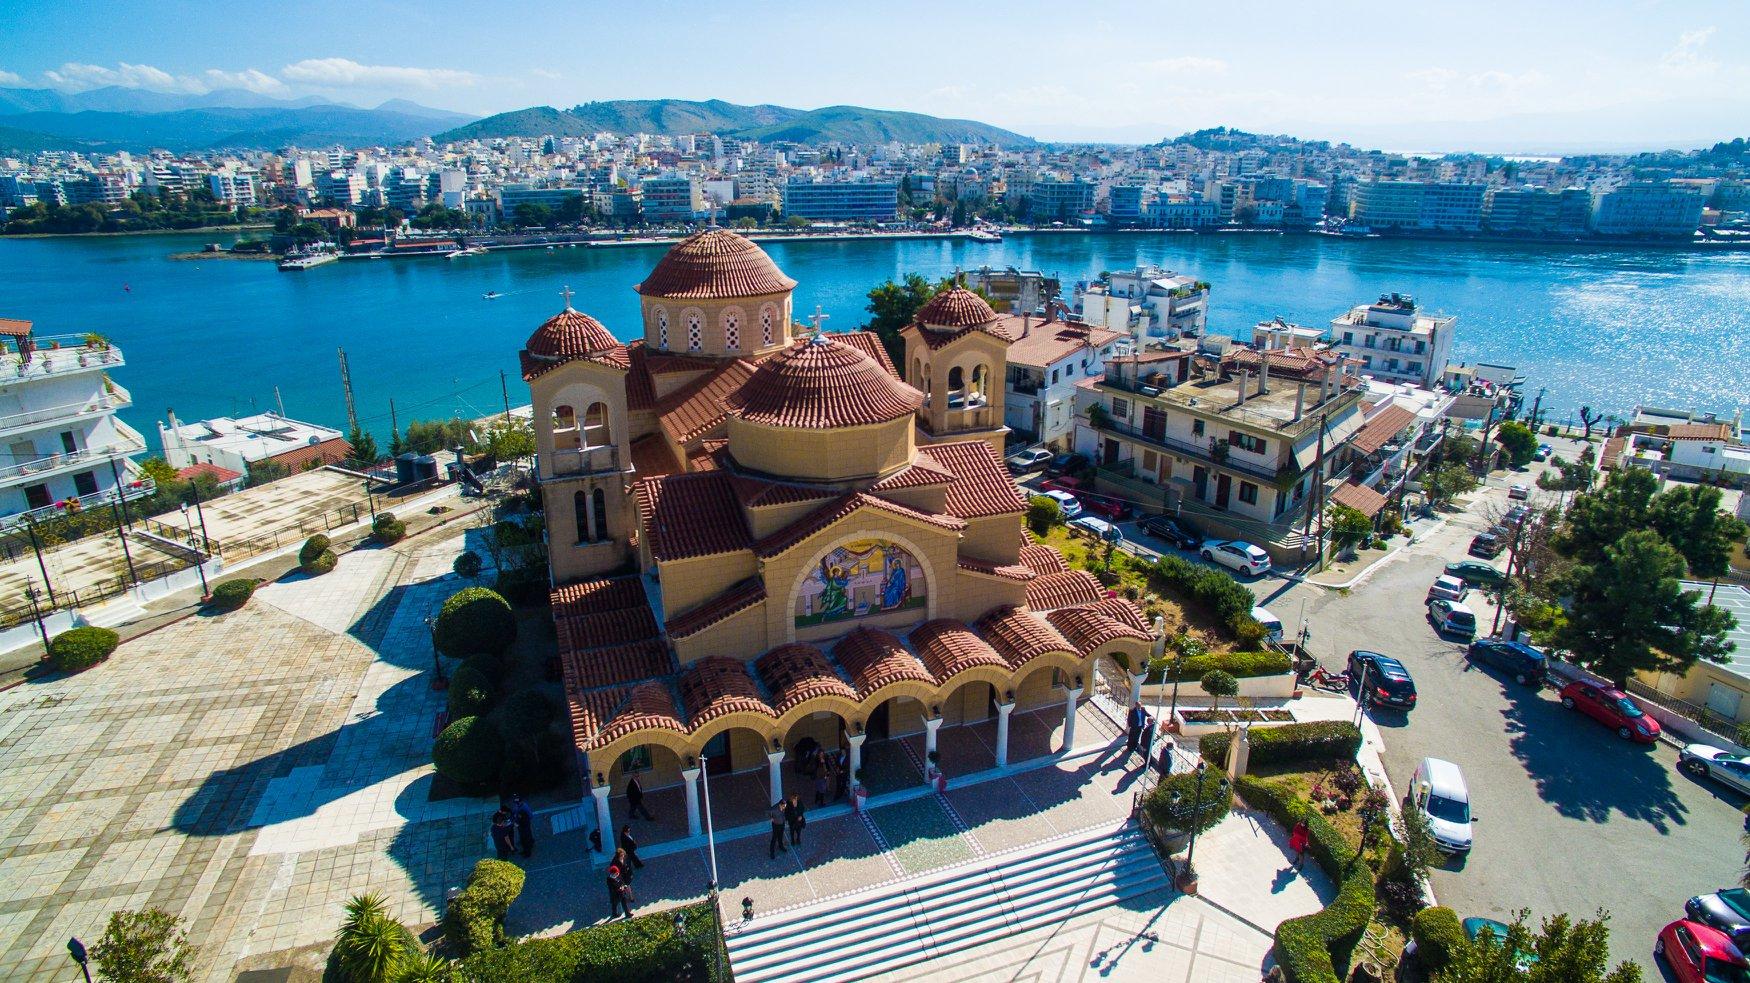 Εύβοια Χαλκίδα: Ανοιχτός όλη την ημέρα των Θεοφανείων ο Ιερός Ναός της Ευαγγελίστριας Κανήθου